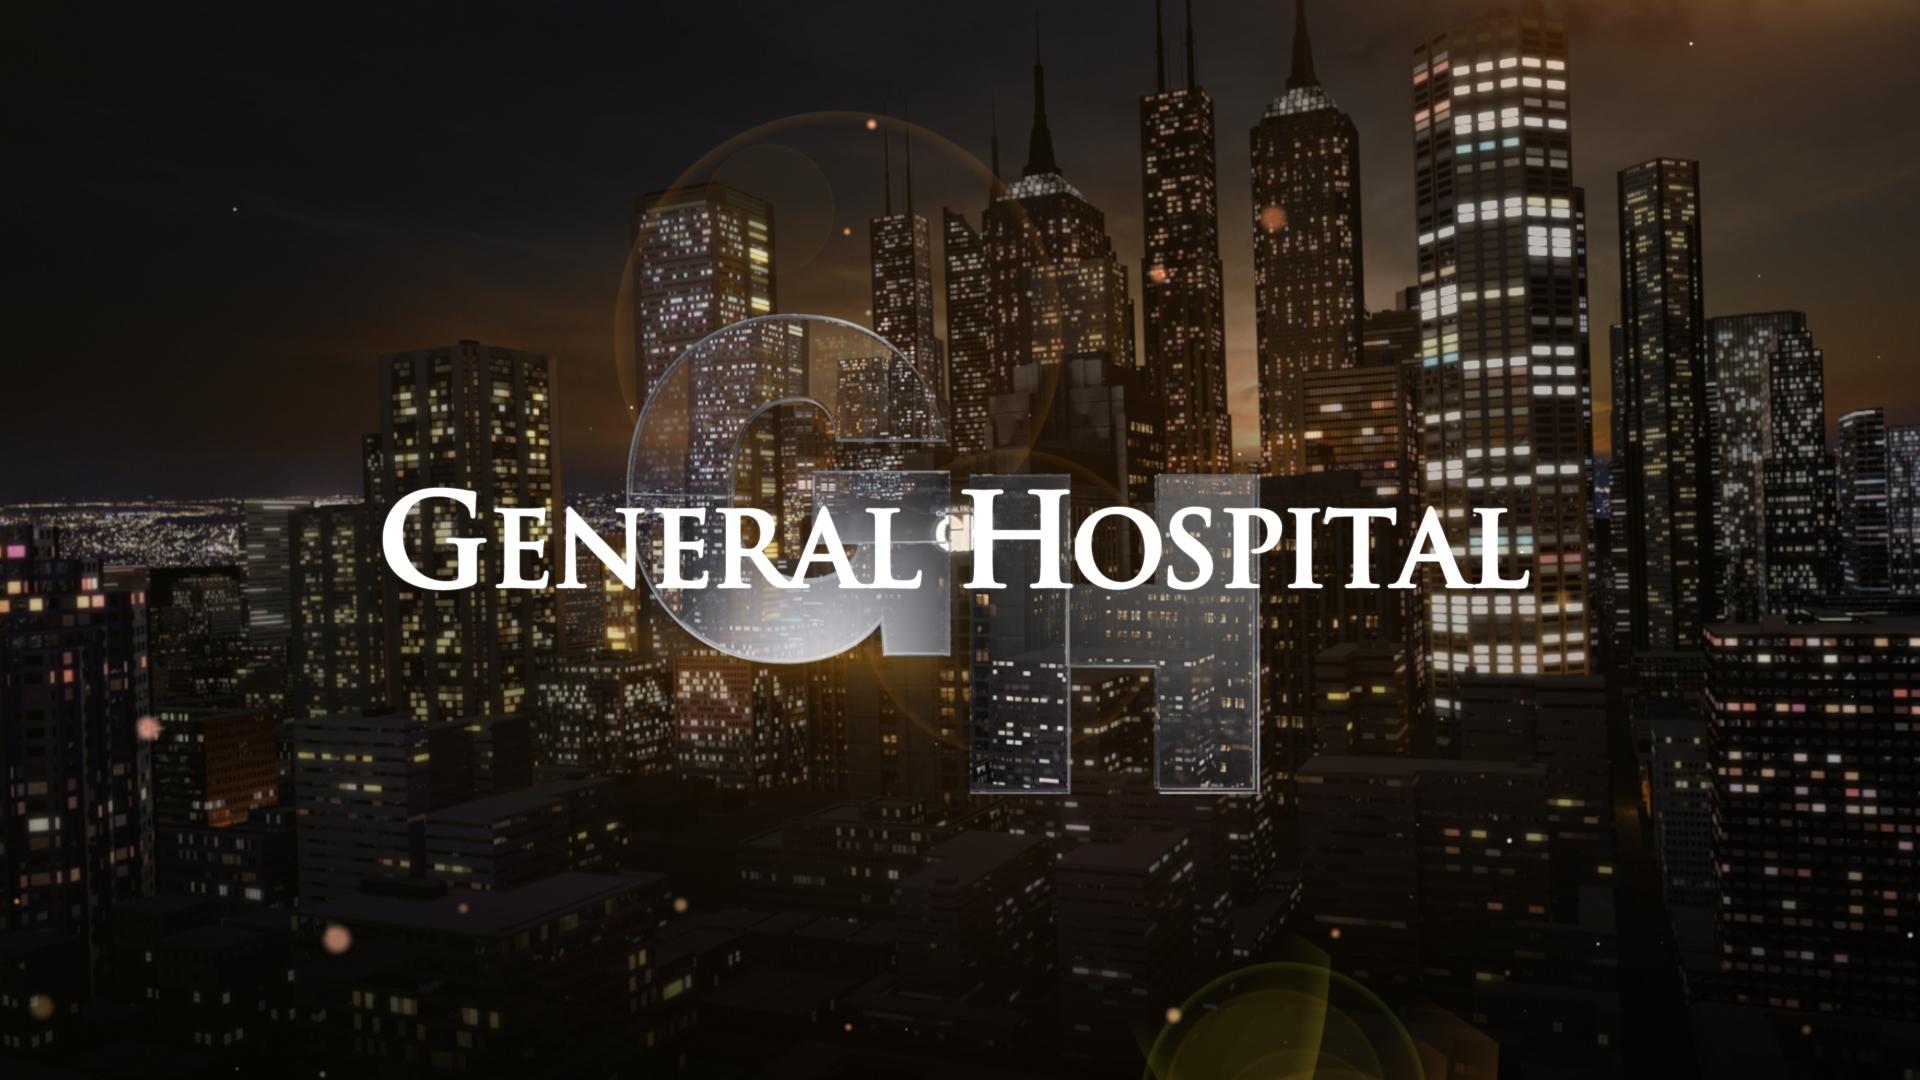 General Hospital Fan Celebration